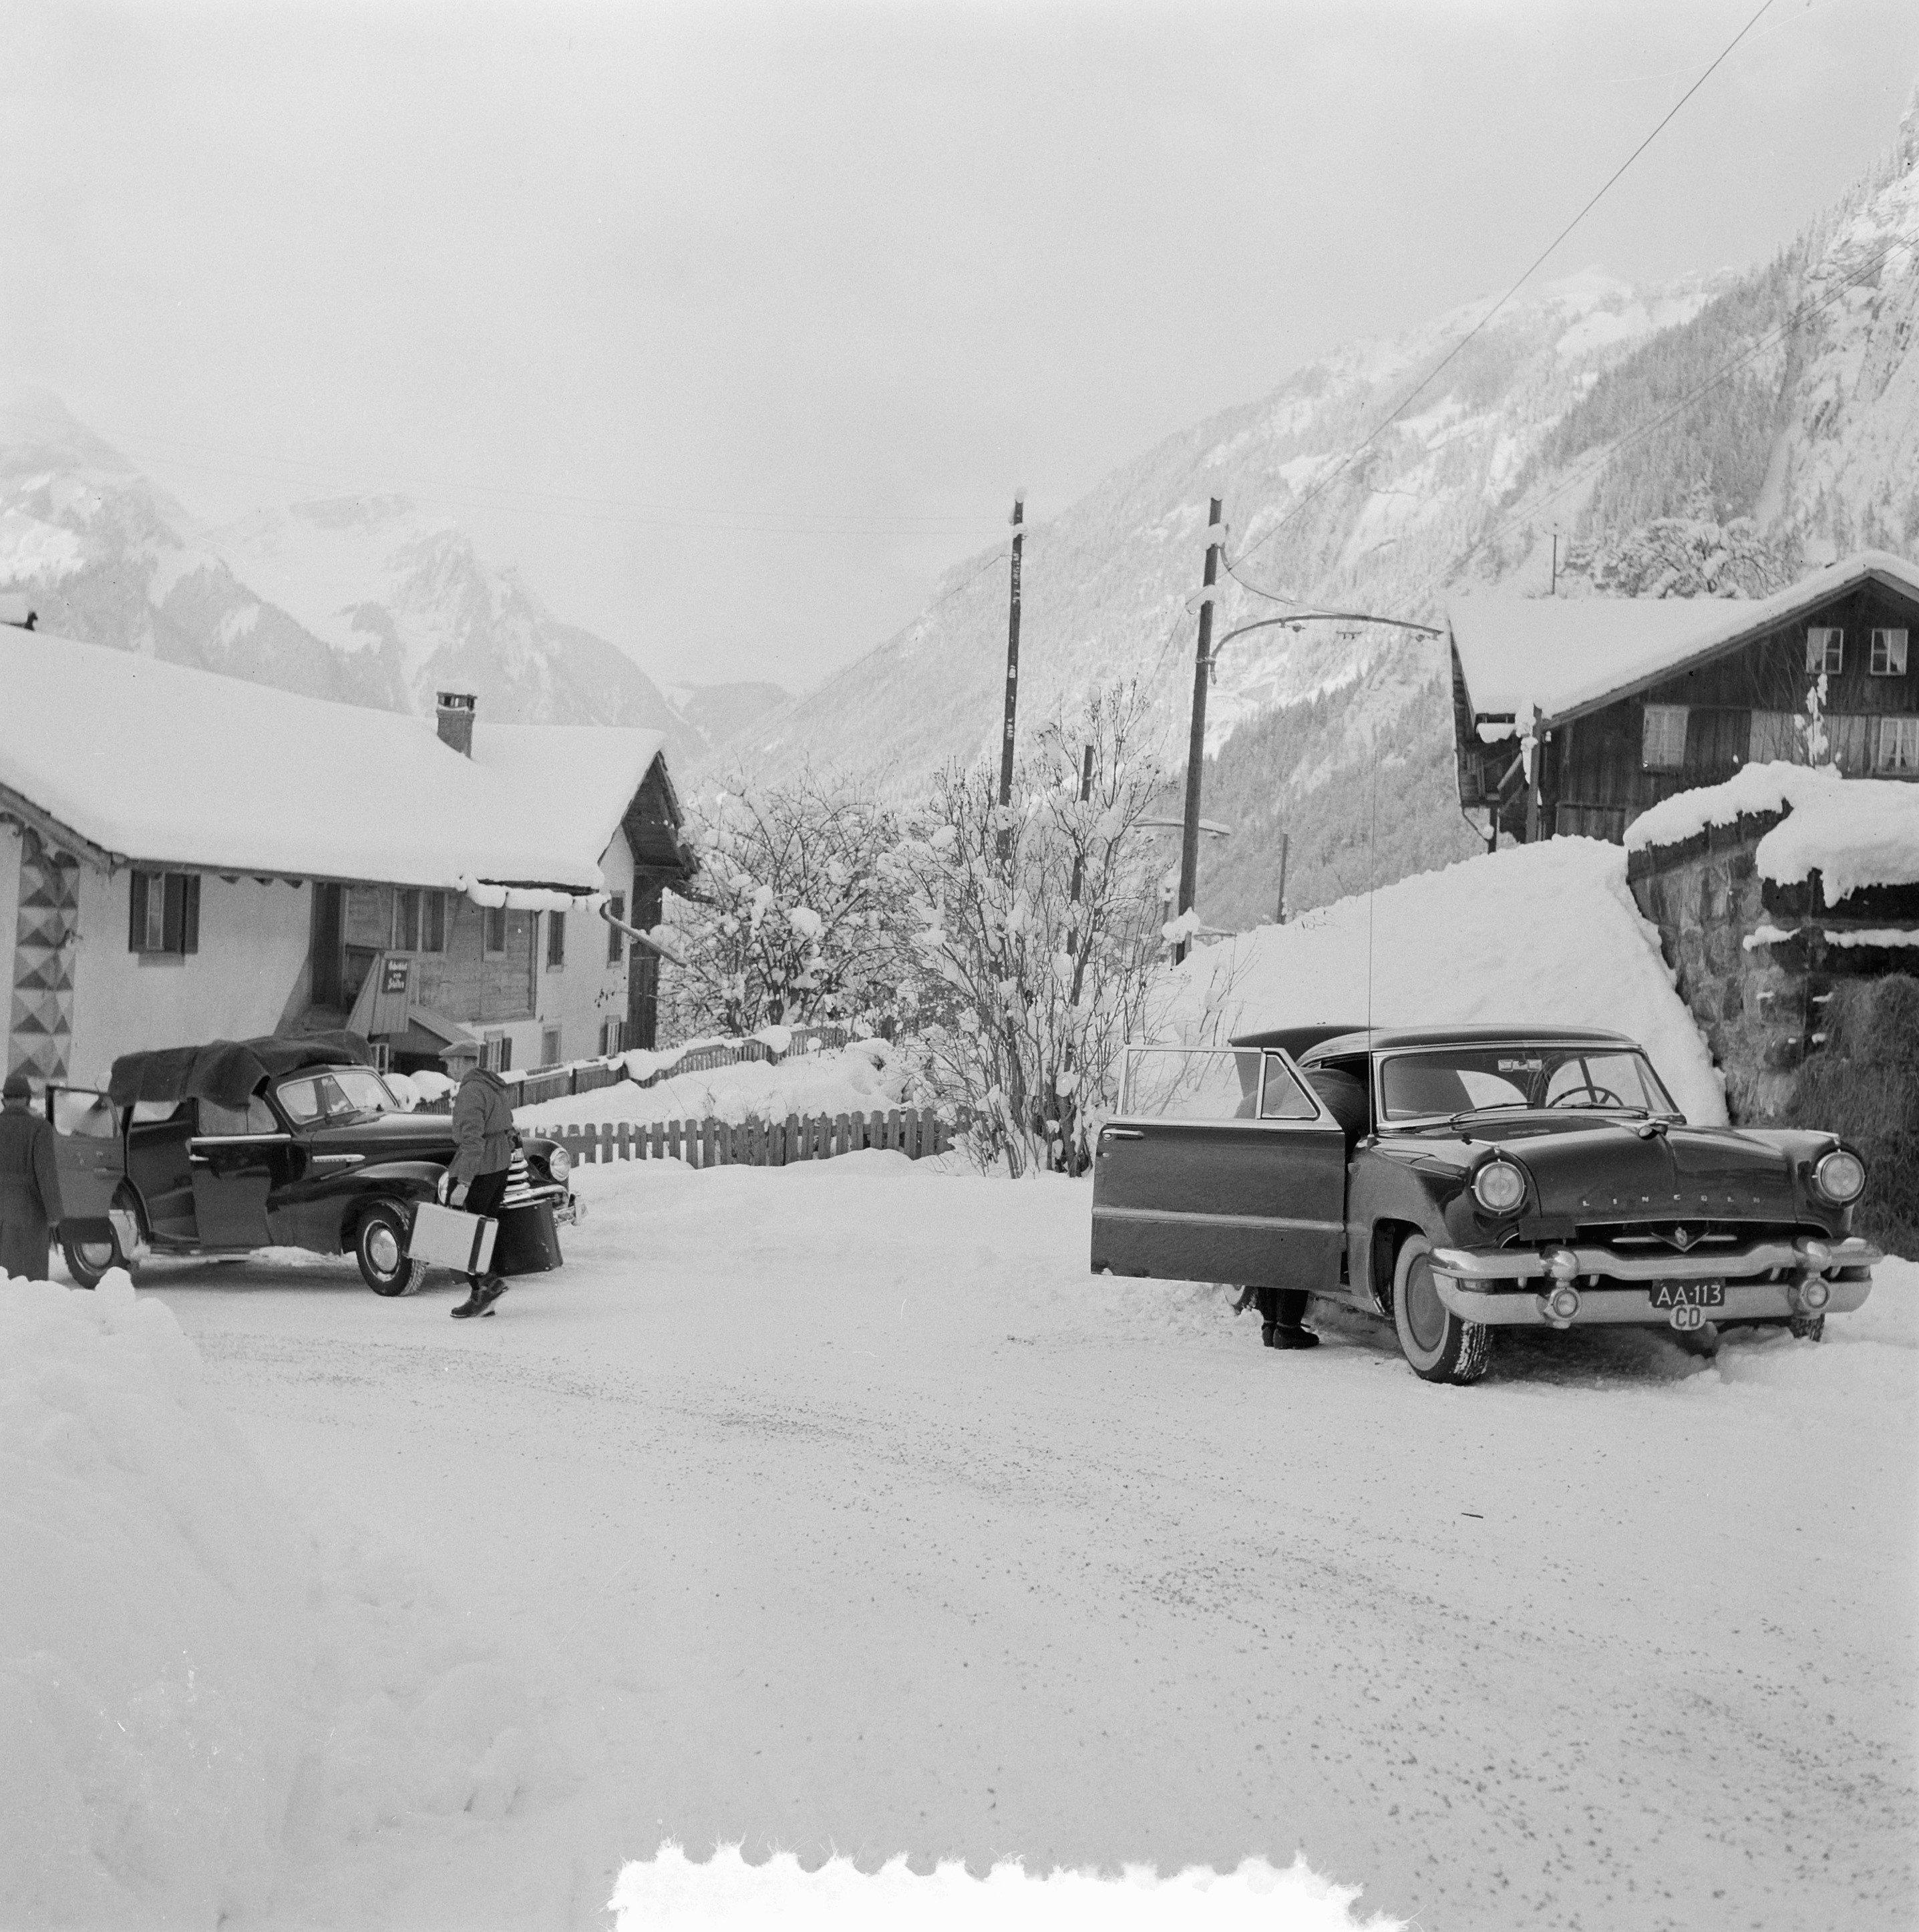 File:Bezoek Koninklijke familie Grindelwald, auto-opname, Bestanddeelnr 906- 2573.